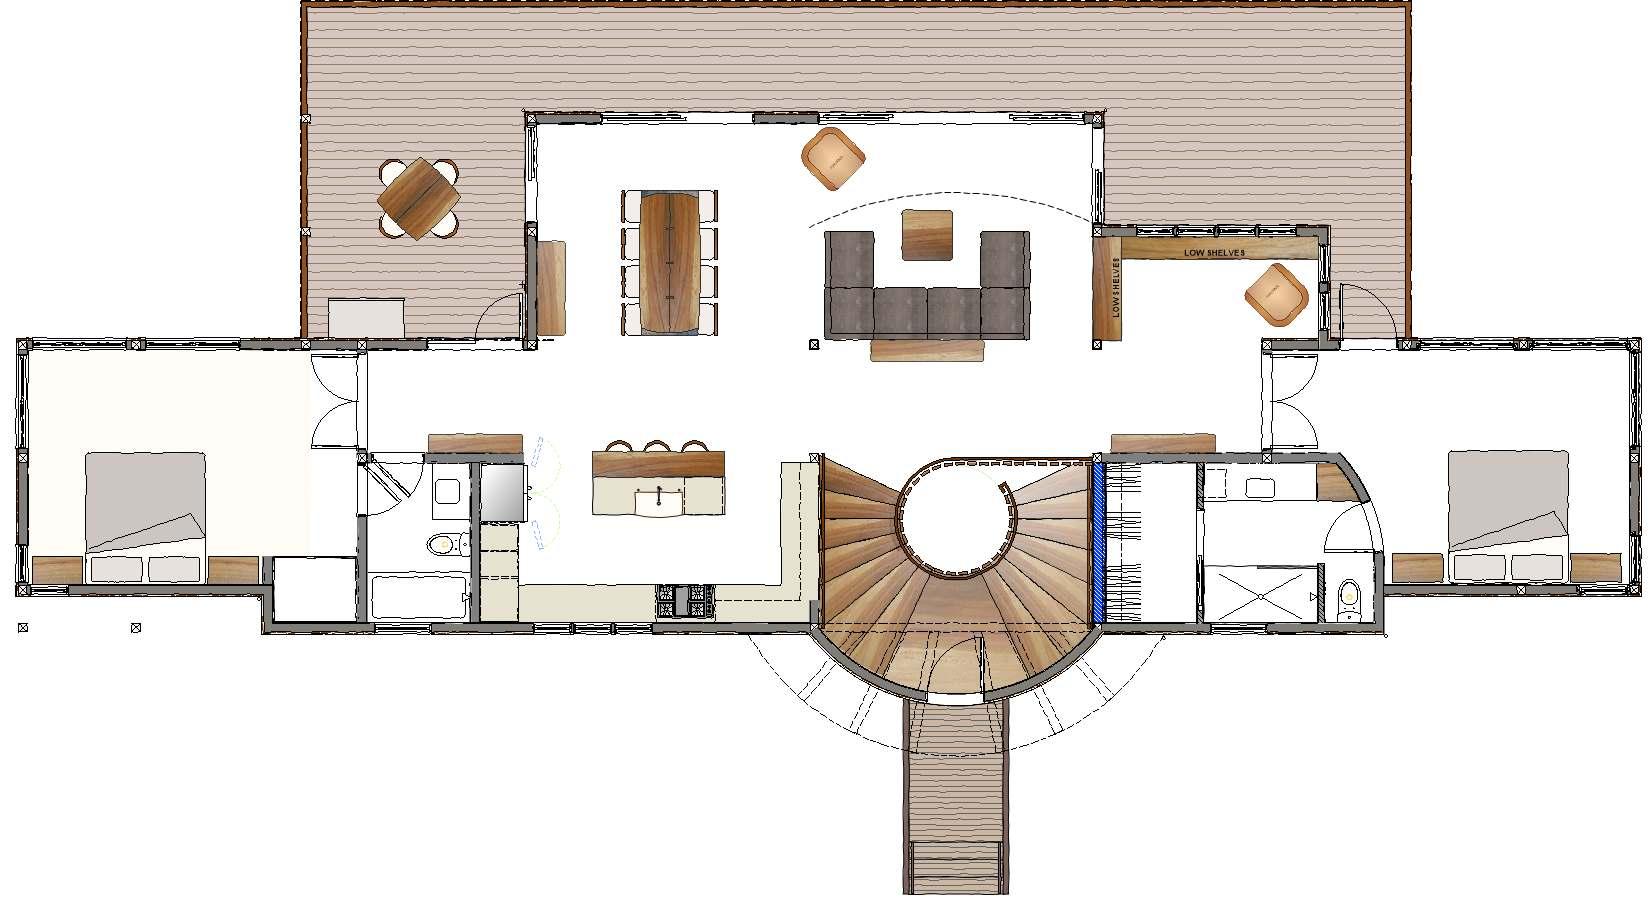 Molokai Floor 2 - Web.jpg